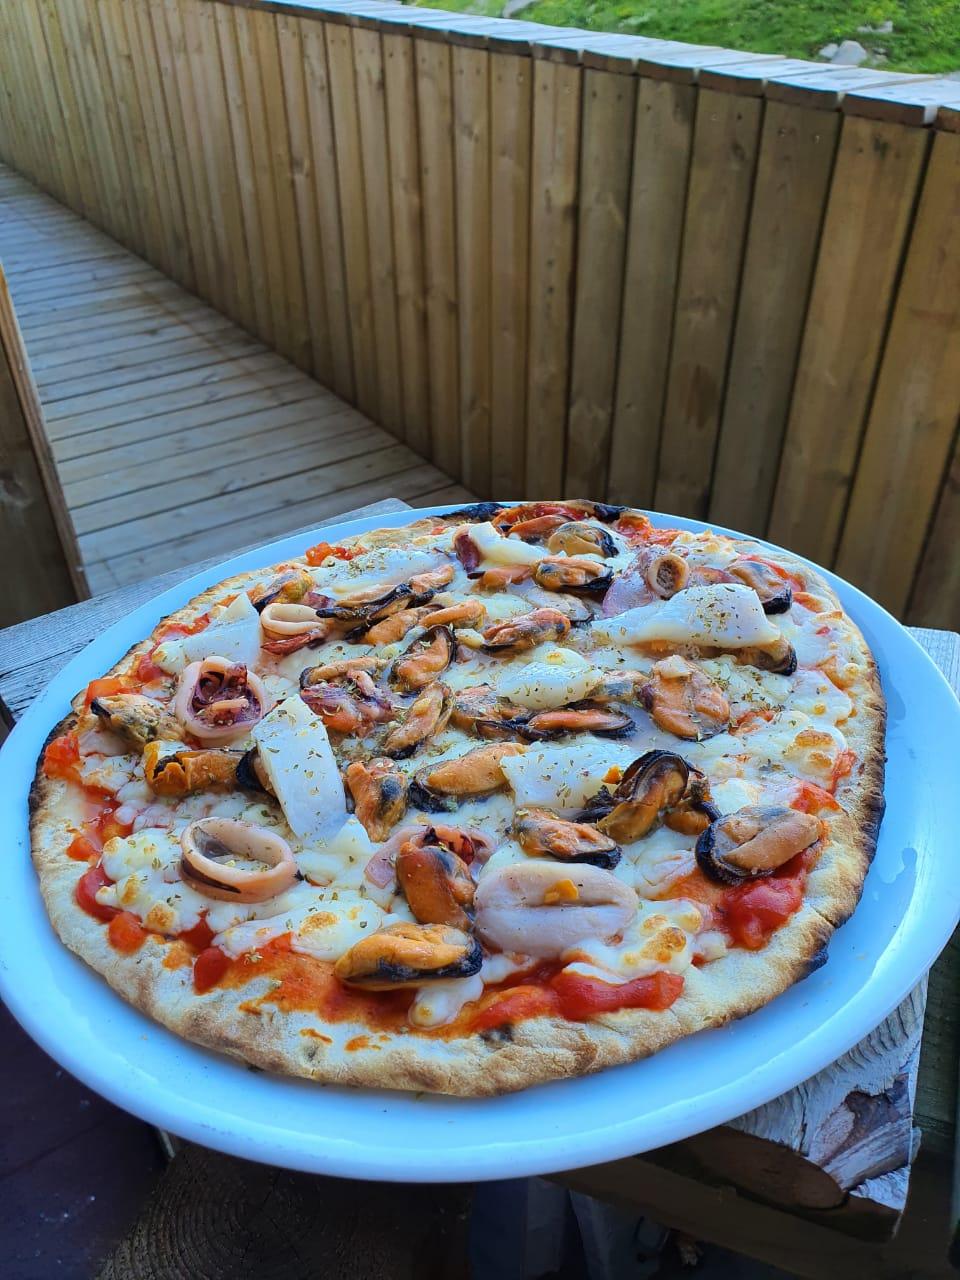 Pizza aux fruits de mer digne des plus grands restos Restaurant El Carlit Pas de la Casa Andorra